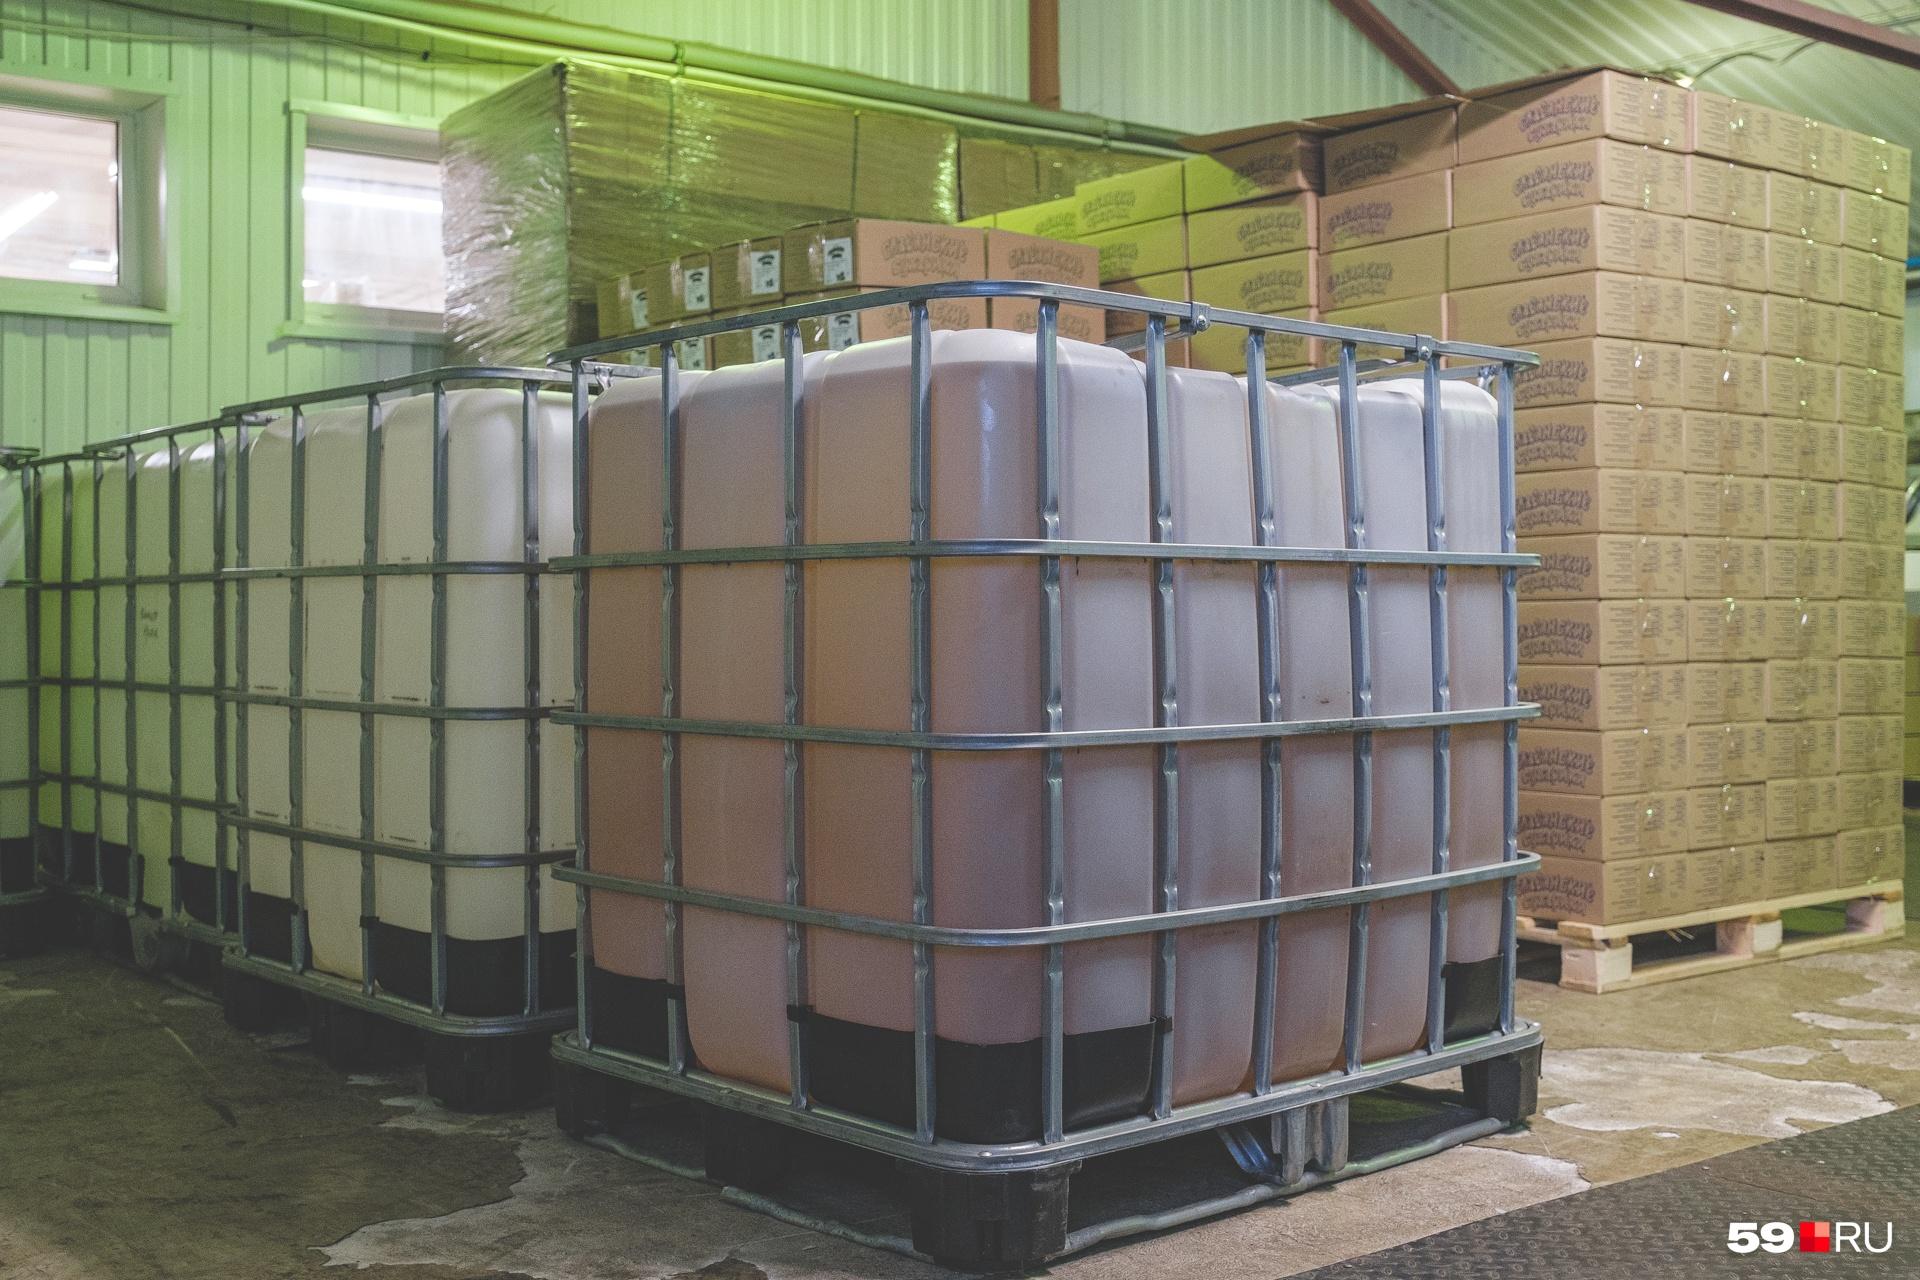 Масло привозят из города Копейска в Челябинской области. Одного «куба» хватает на неделю